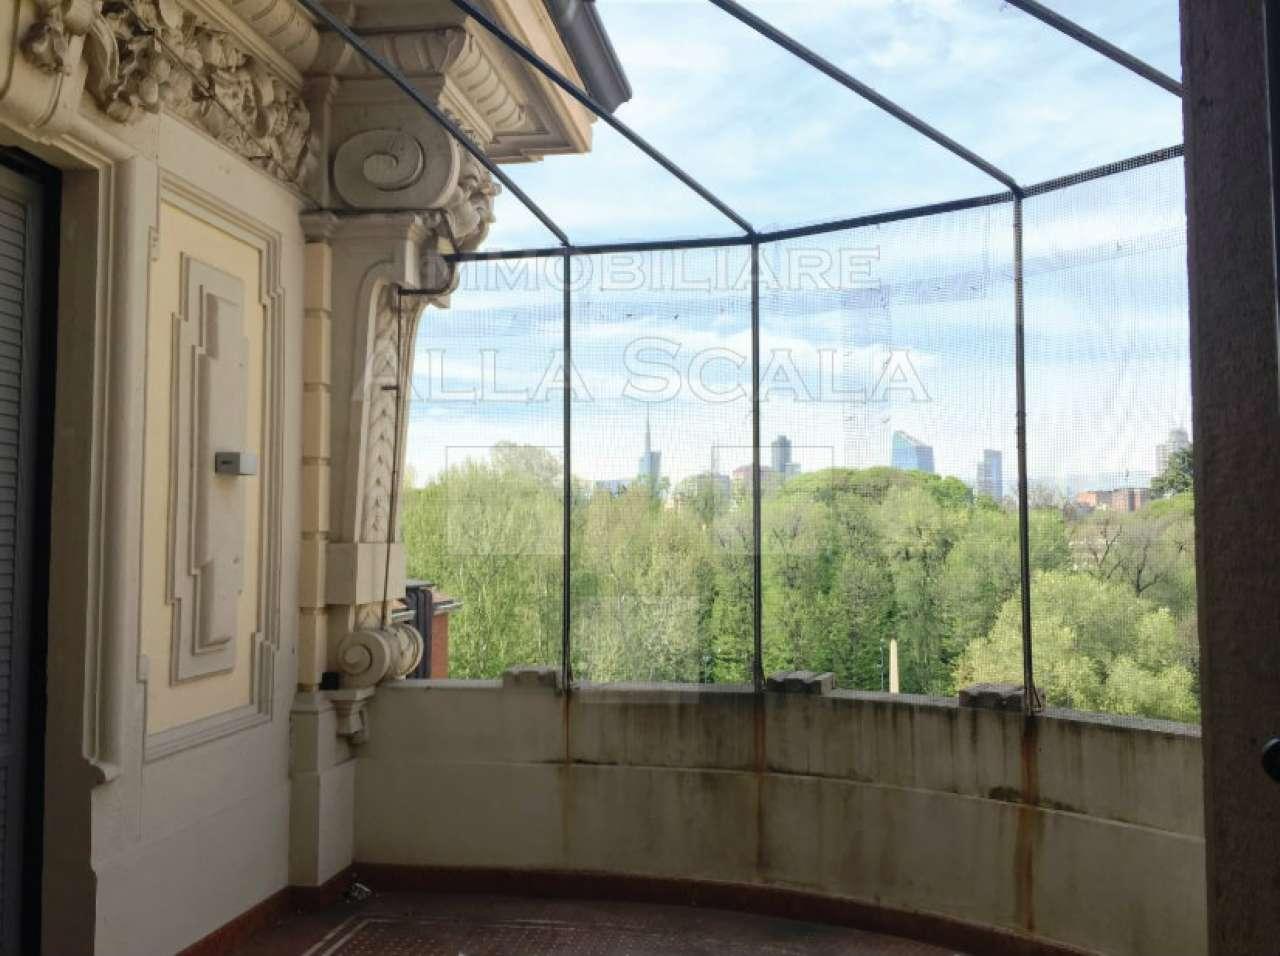 Appartamento in affitto a Milano, 6 locali, zona Zona: 1 . Centro Storico, Duomo, Brera, Cadorna, Cattolica, prezzo € 8.500   CambioCasa.it